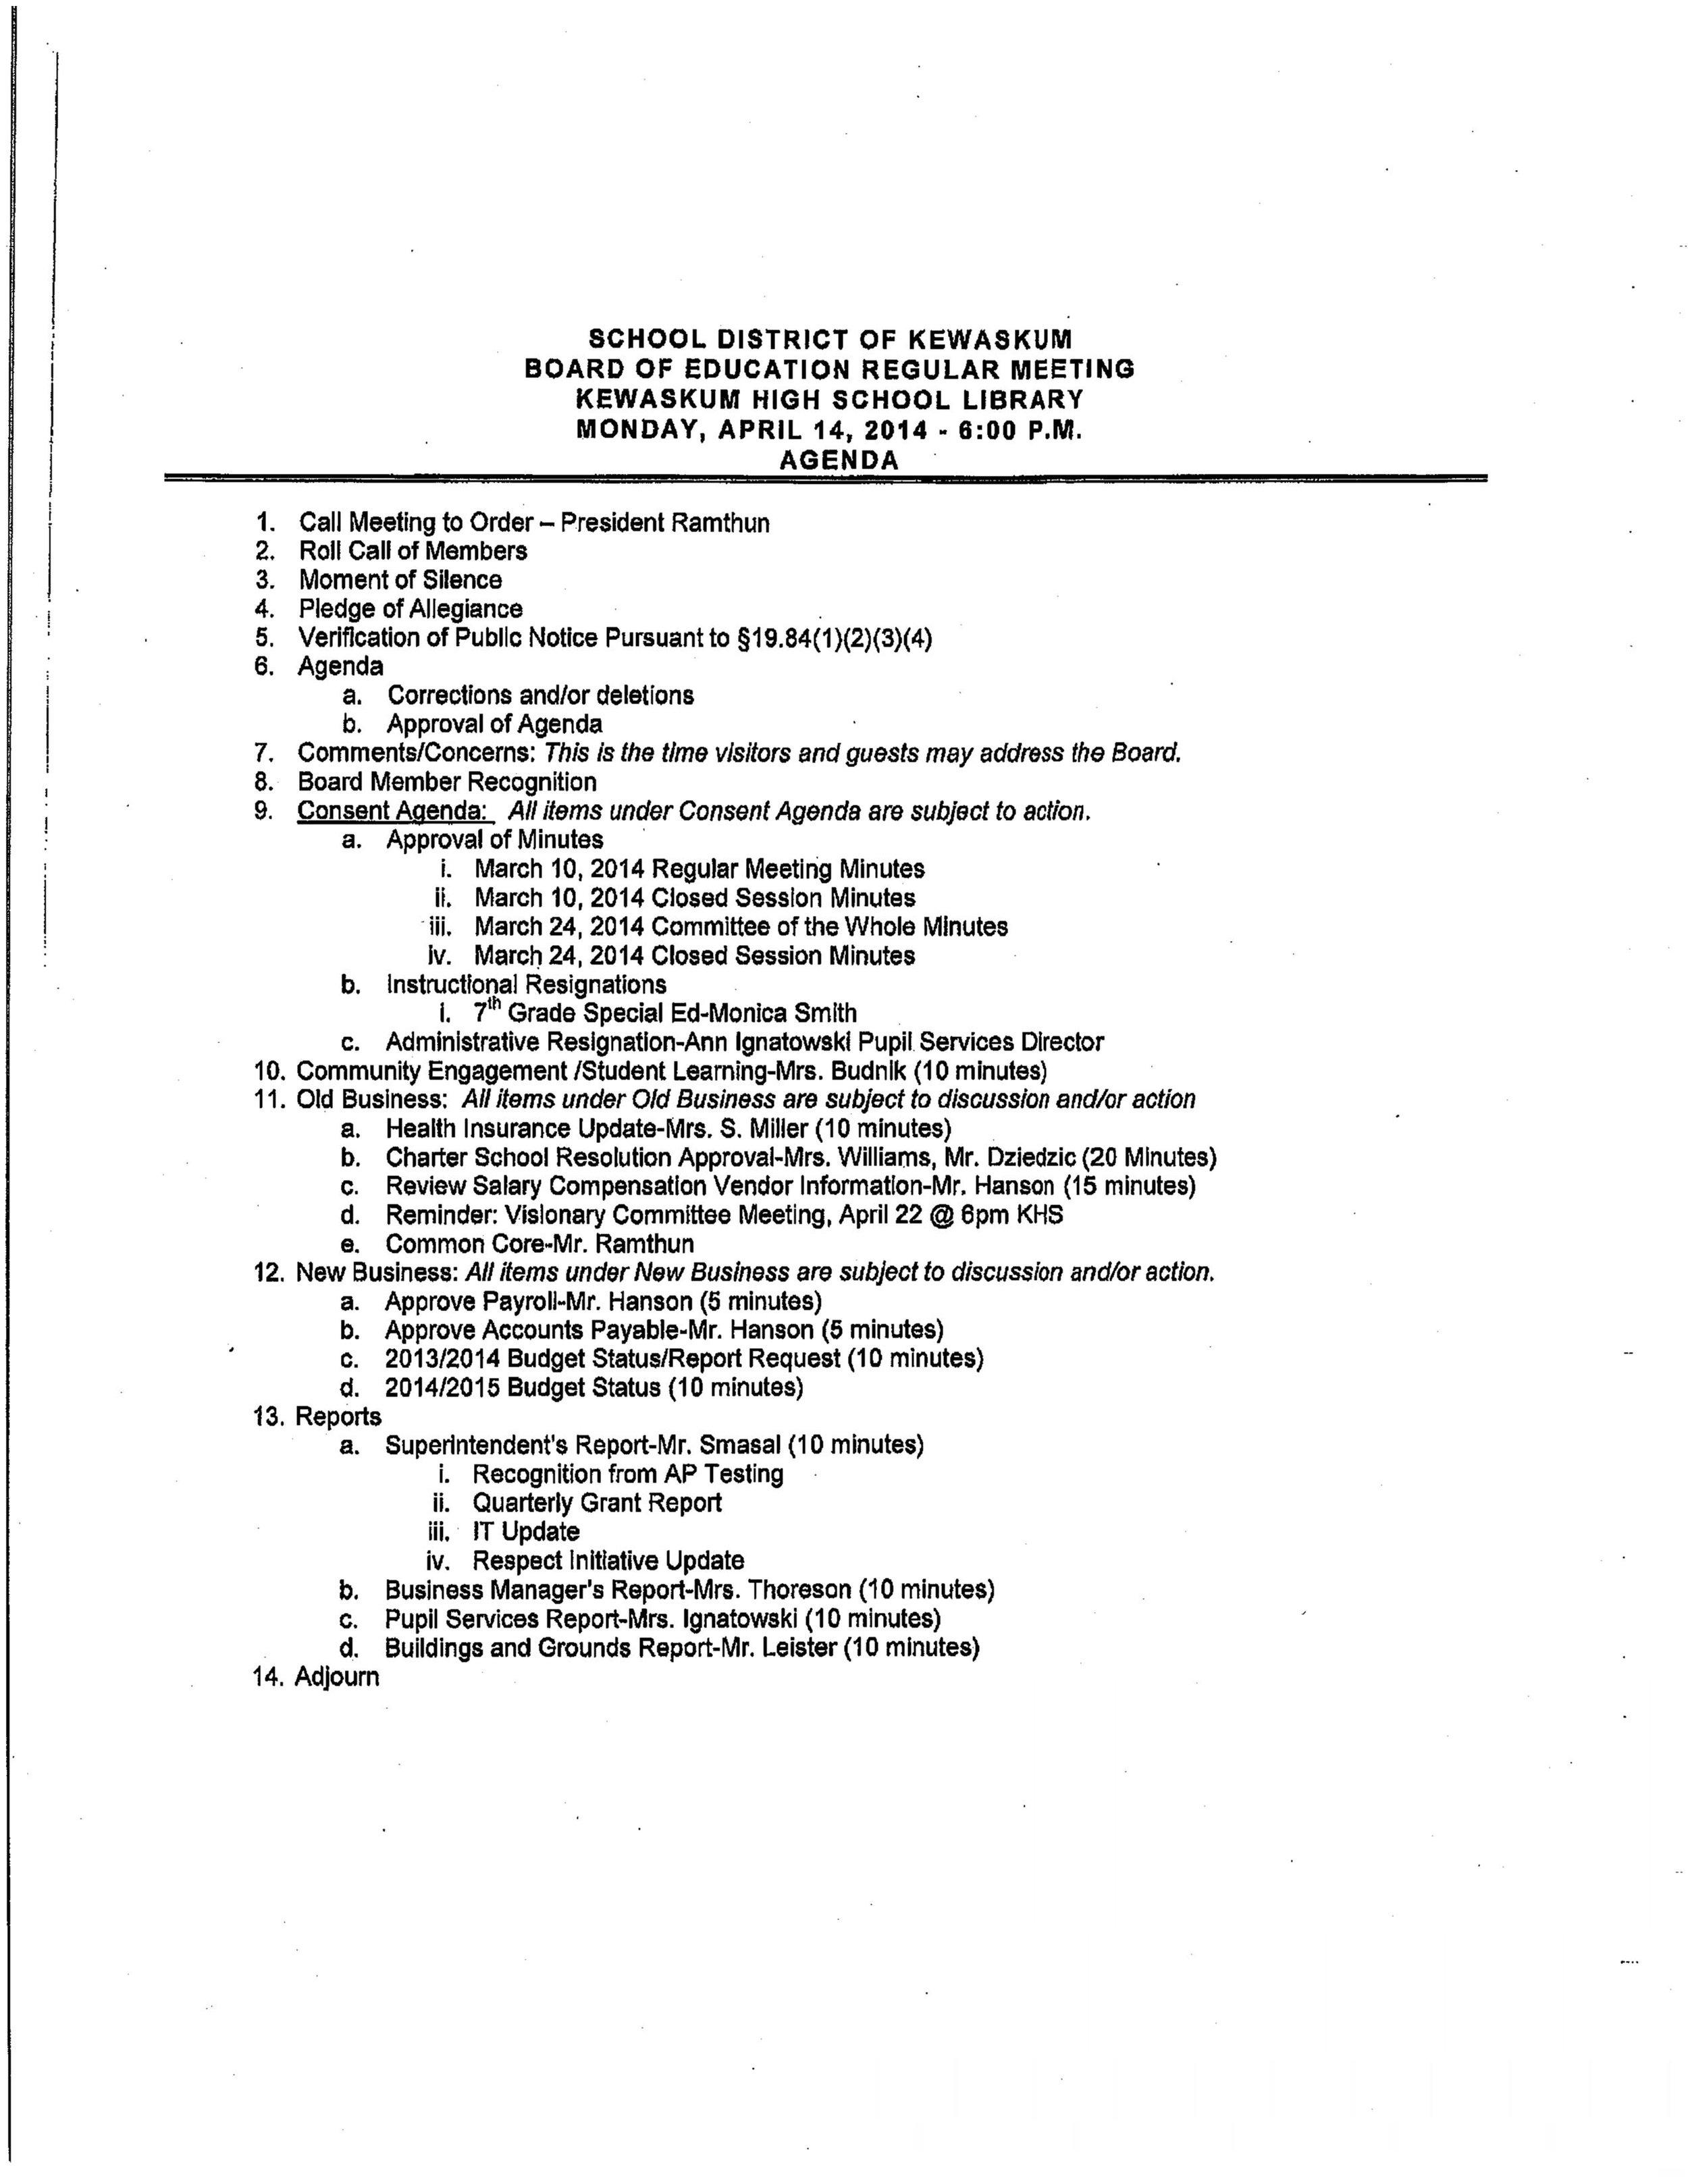 Planning Grant pg 34.jpg